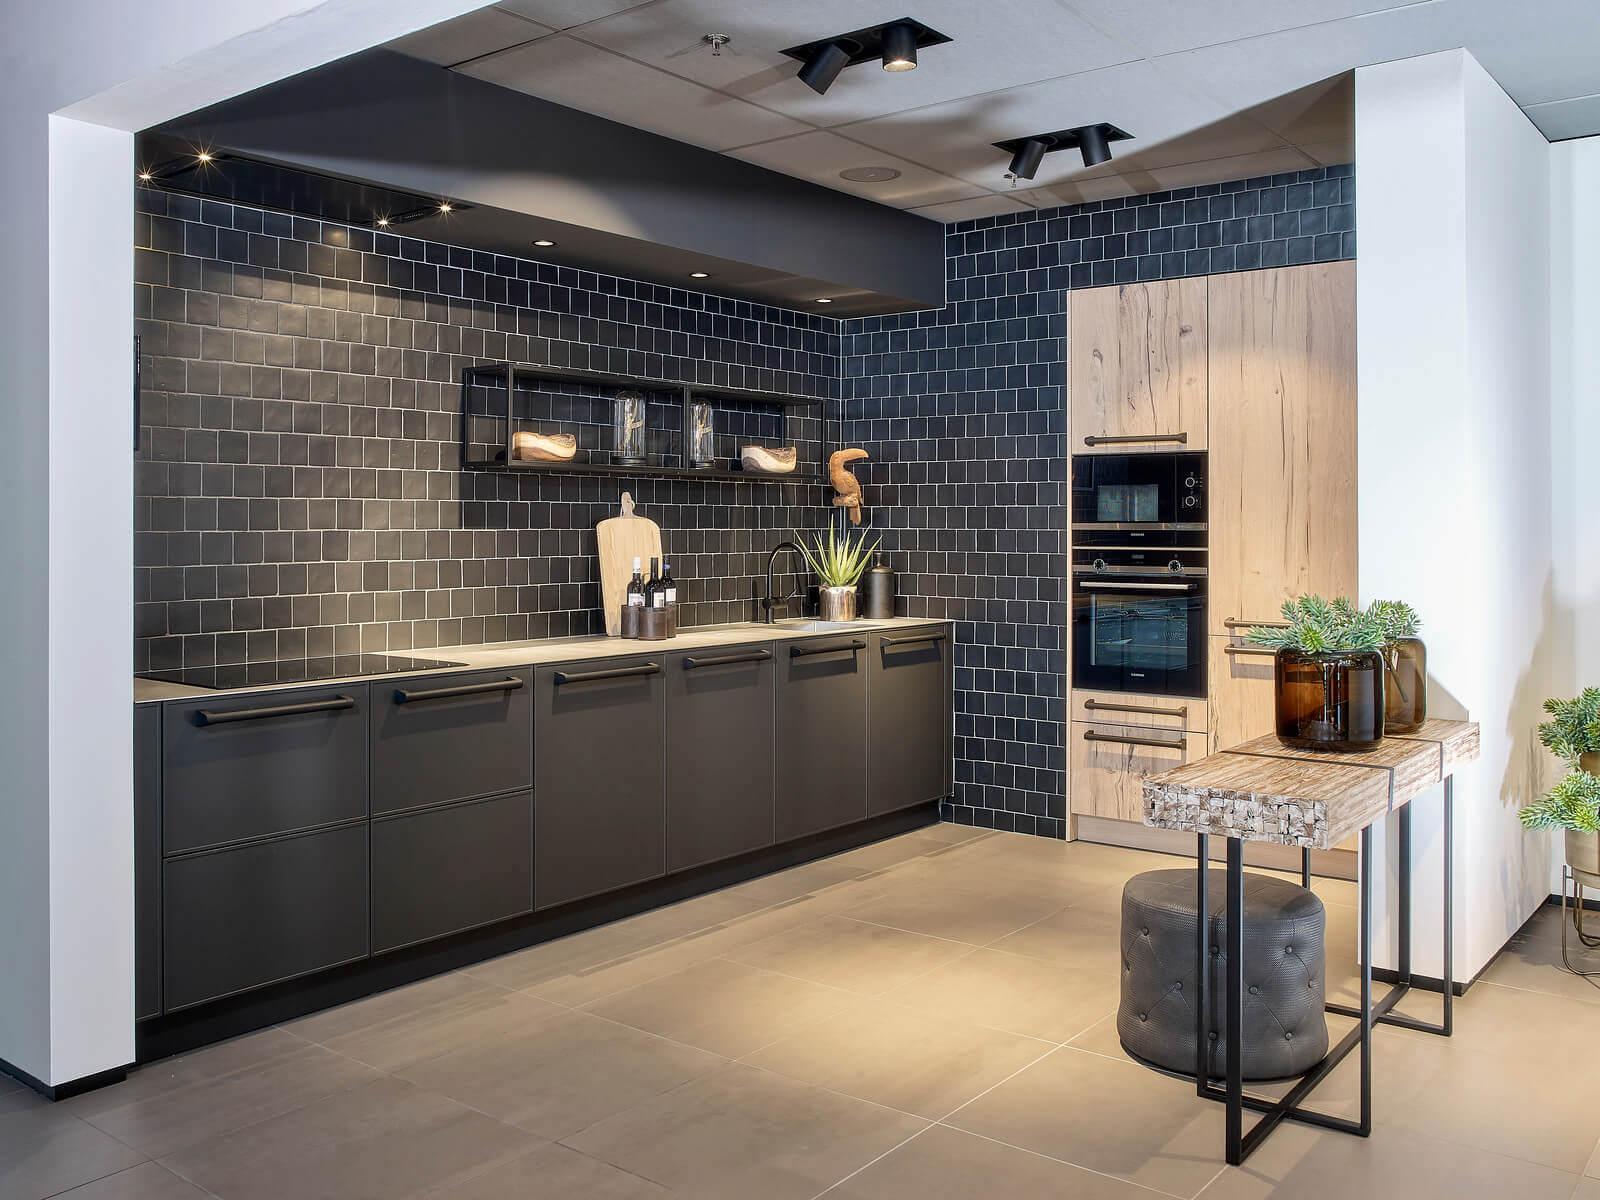 Prachtige zwarte keuken